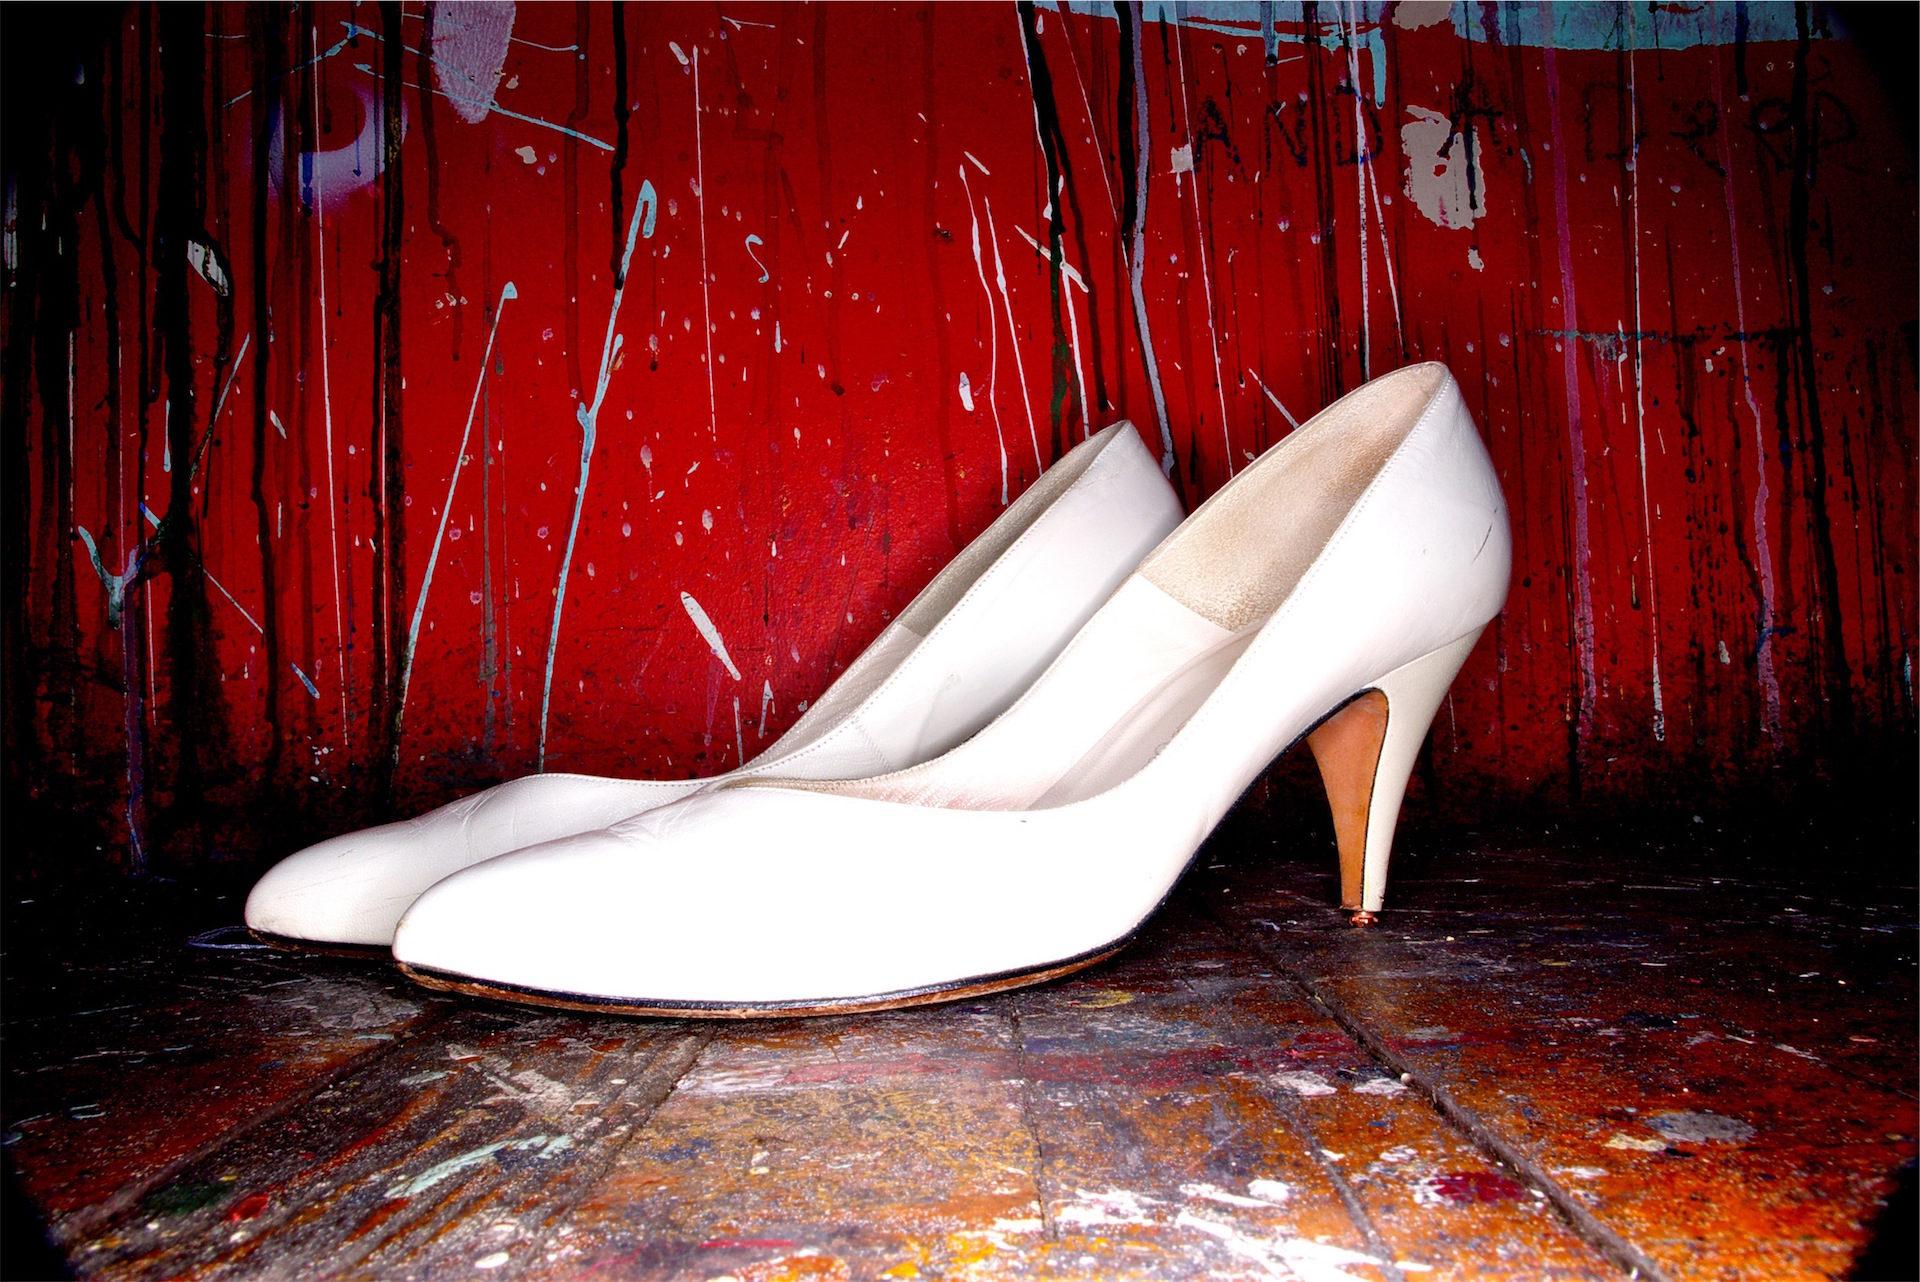 chaussures, les talons hauts, peinture, les taches, Blanc - Fonds d'écran HD - Professor-falken.com